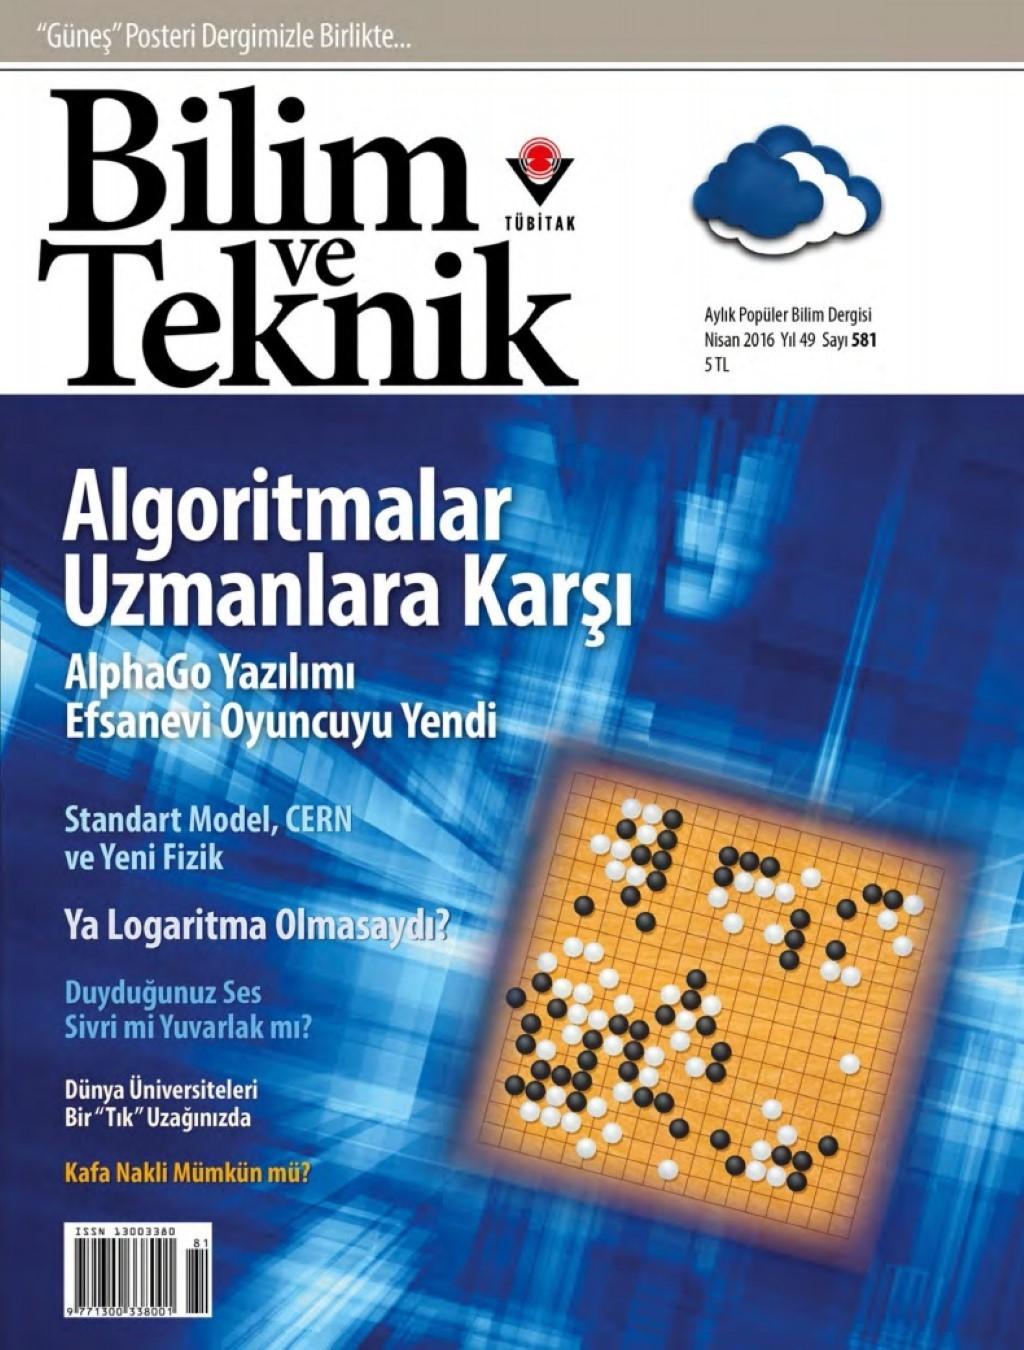 Bilim ve Teknik Nisan 2016 PDF Dergi indir